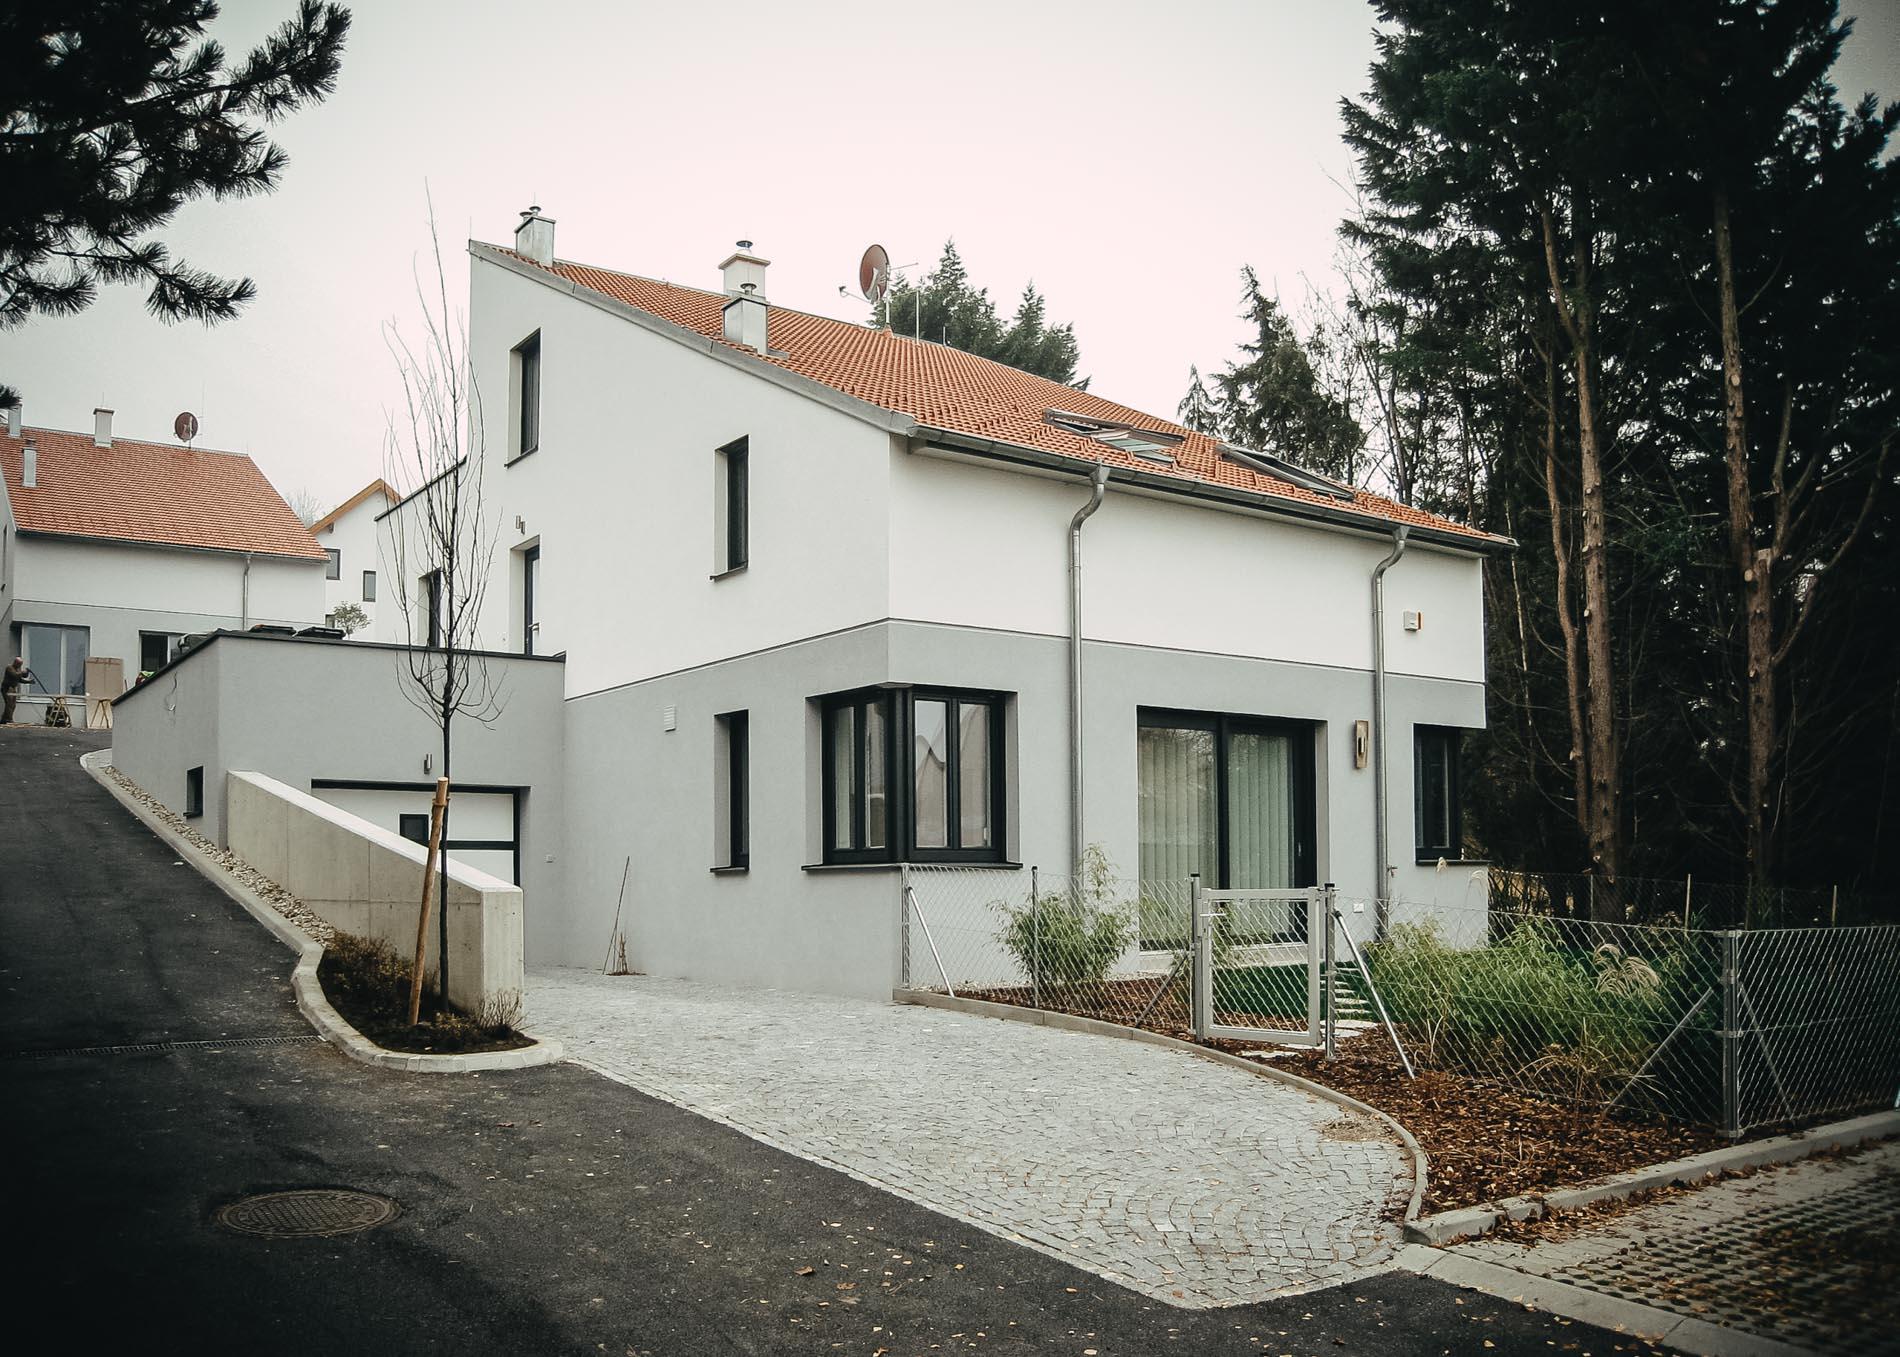 Bisamberg Amtsgasse, WHA (1)